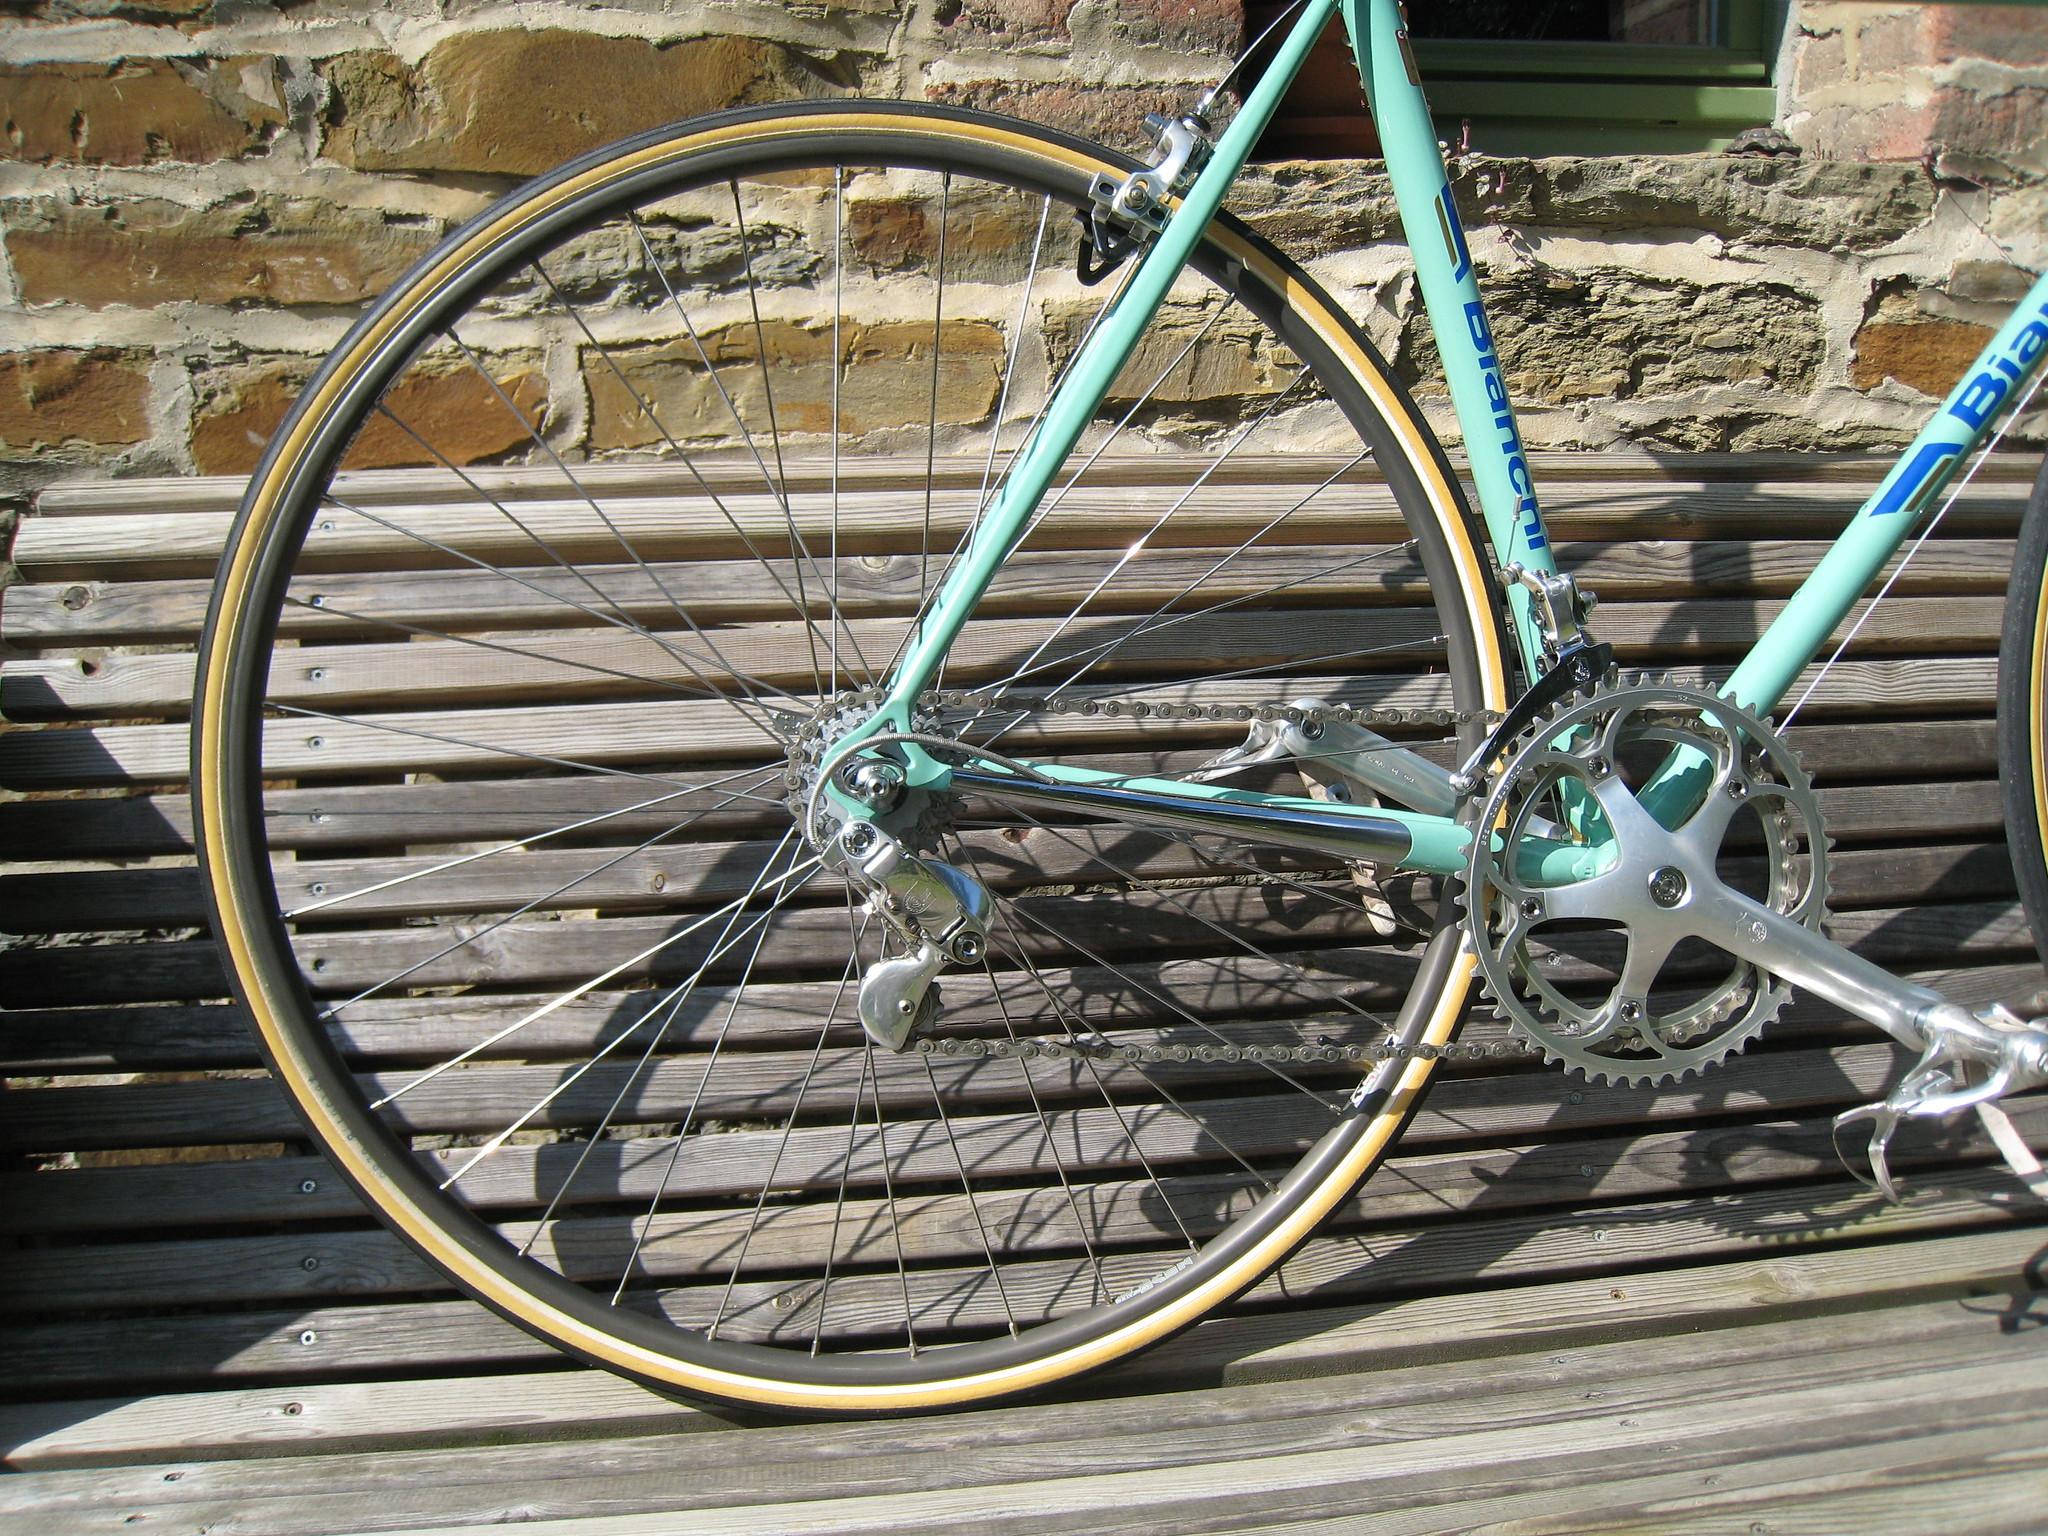 Ajout d'un Bianchi X4 1986 48526760876_6c5f6d677c_k